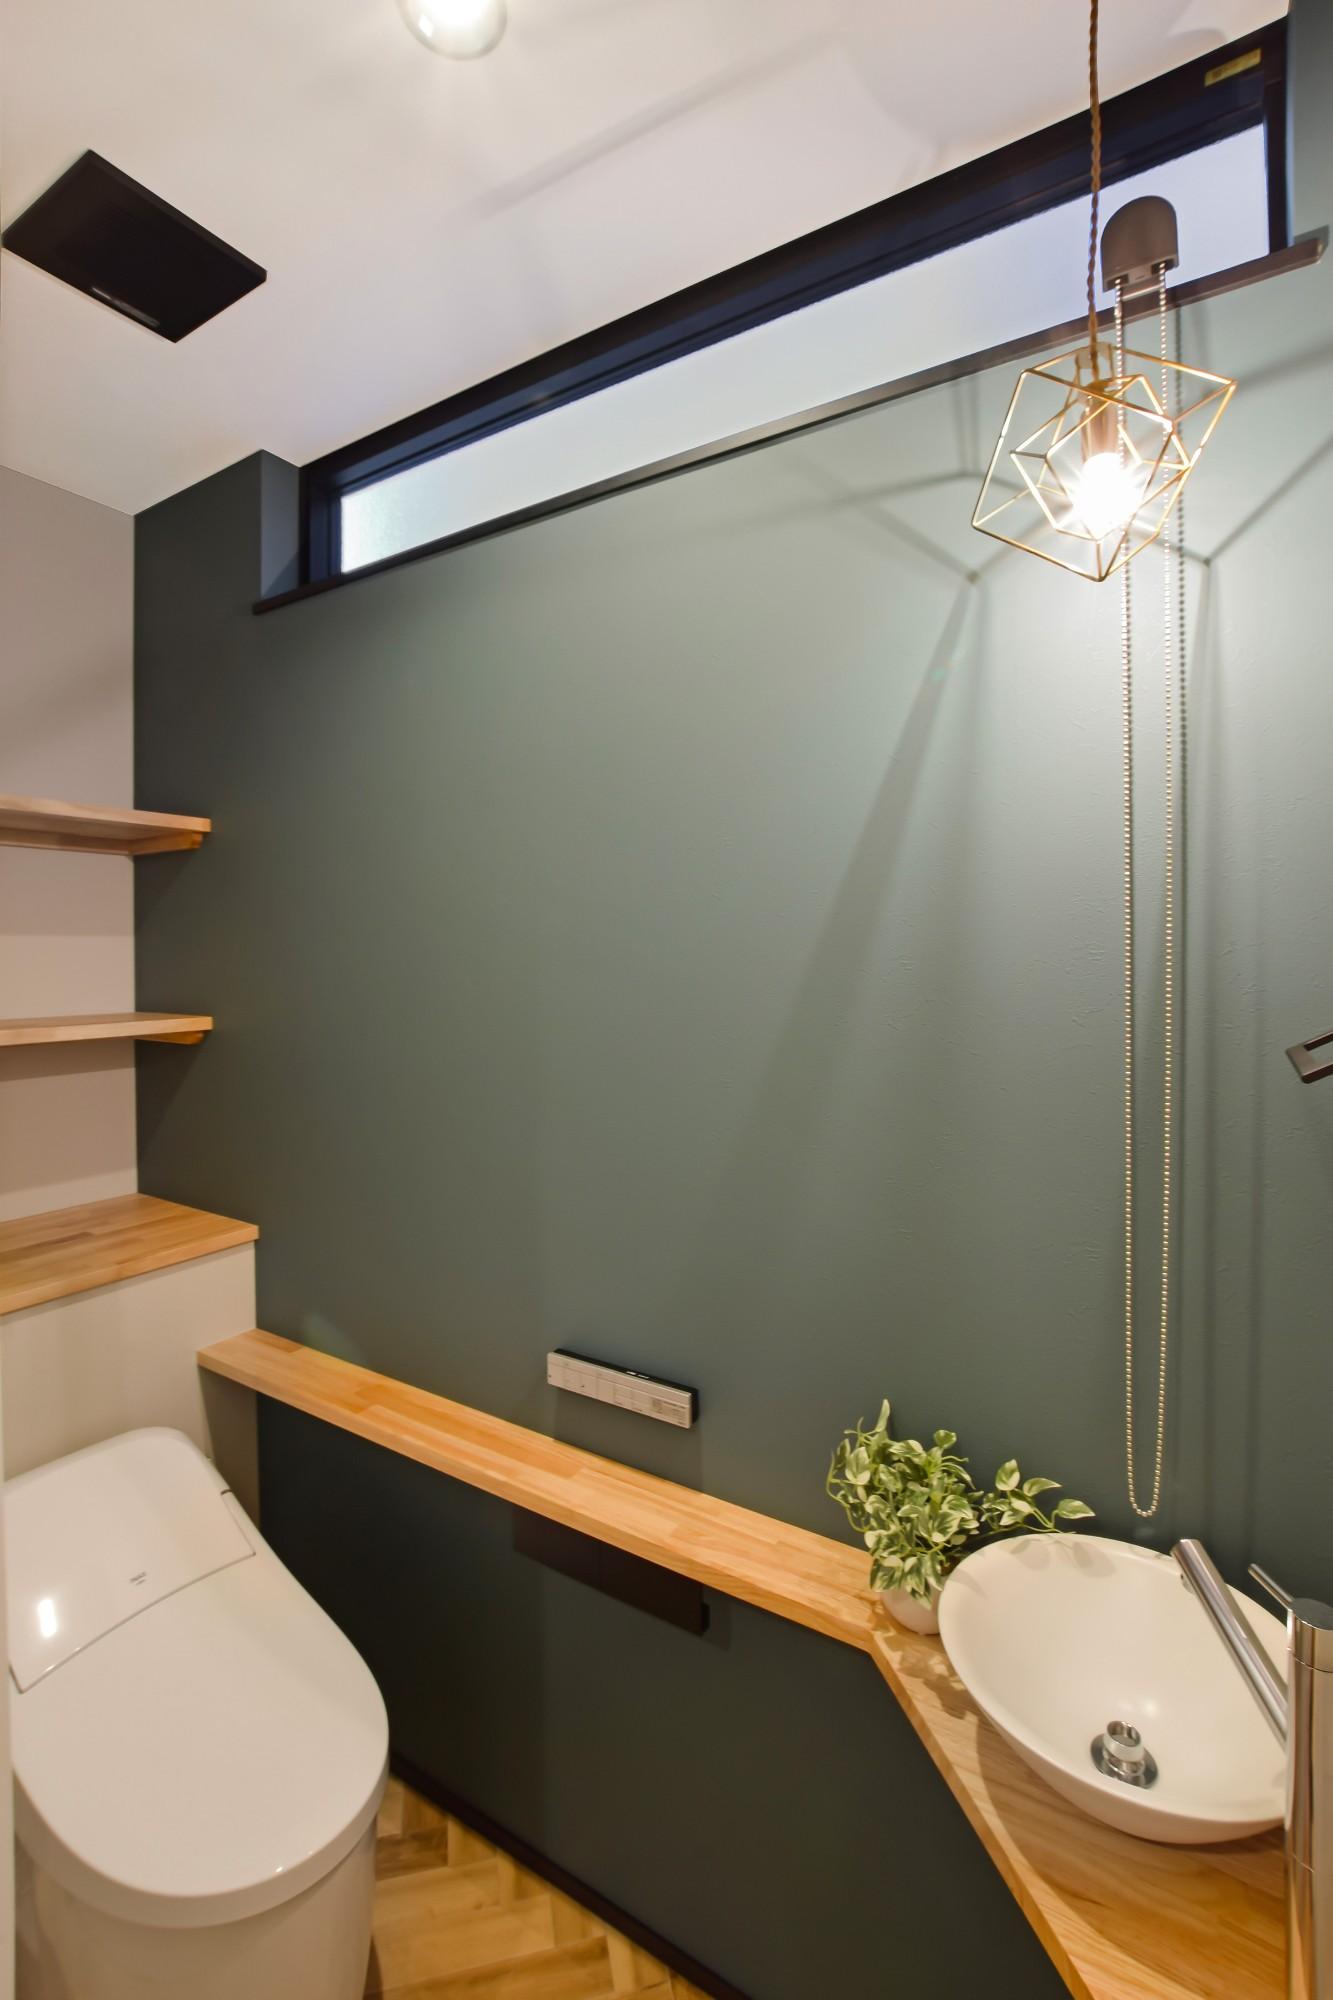 DETAIL HOME(ディテールホーム)「内と外がつながる吹抜け大開口の住まい」のヴィンテージなトイレの実例写真